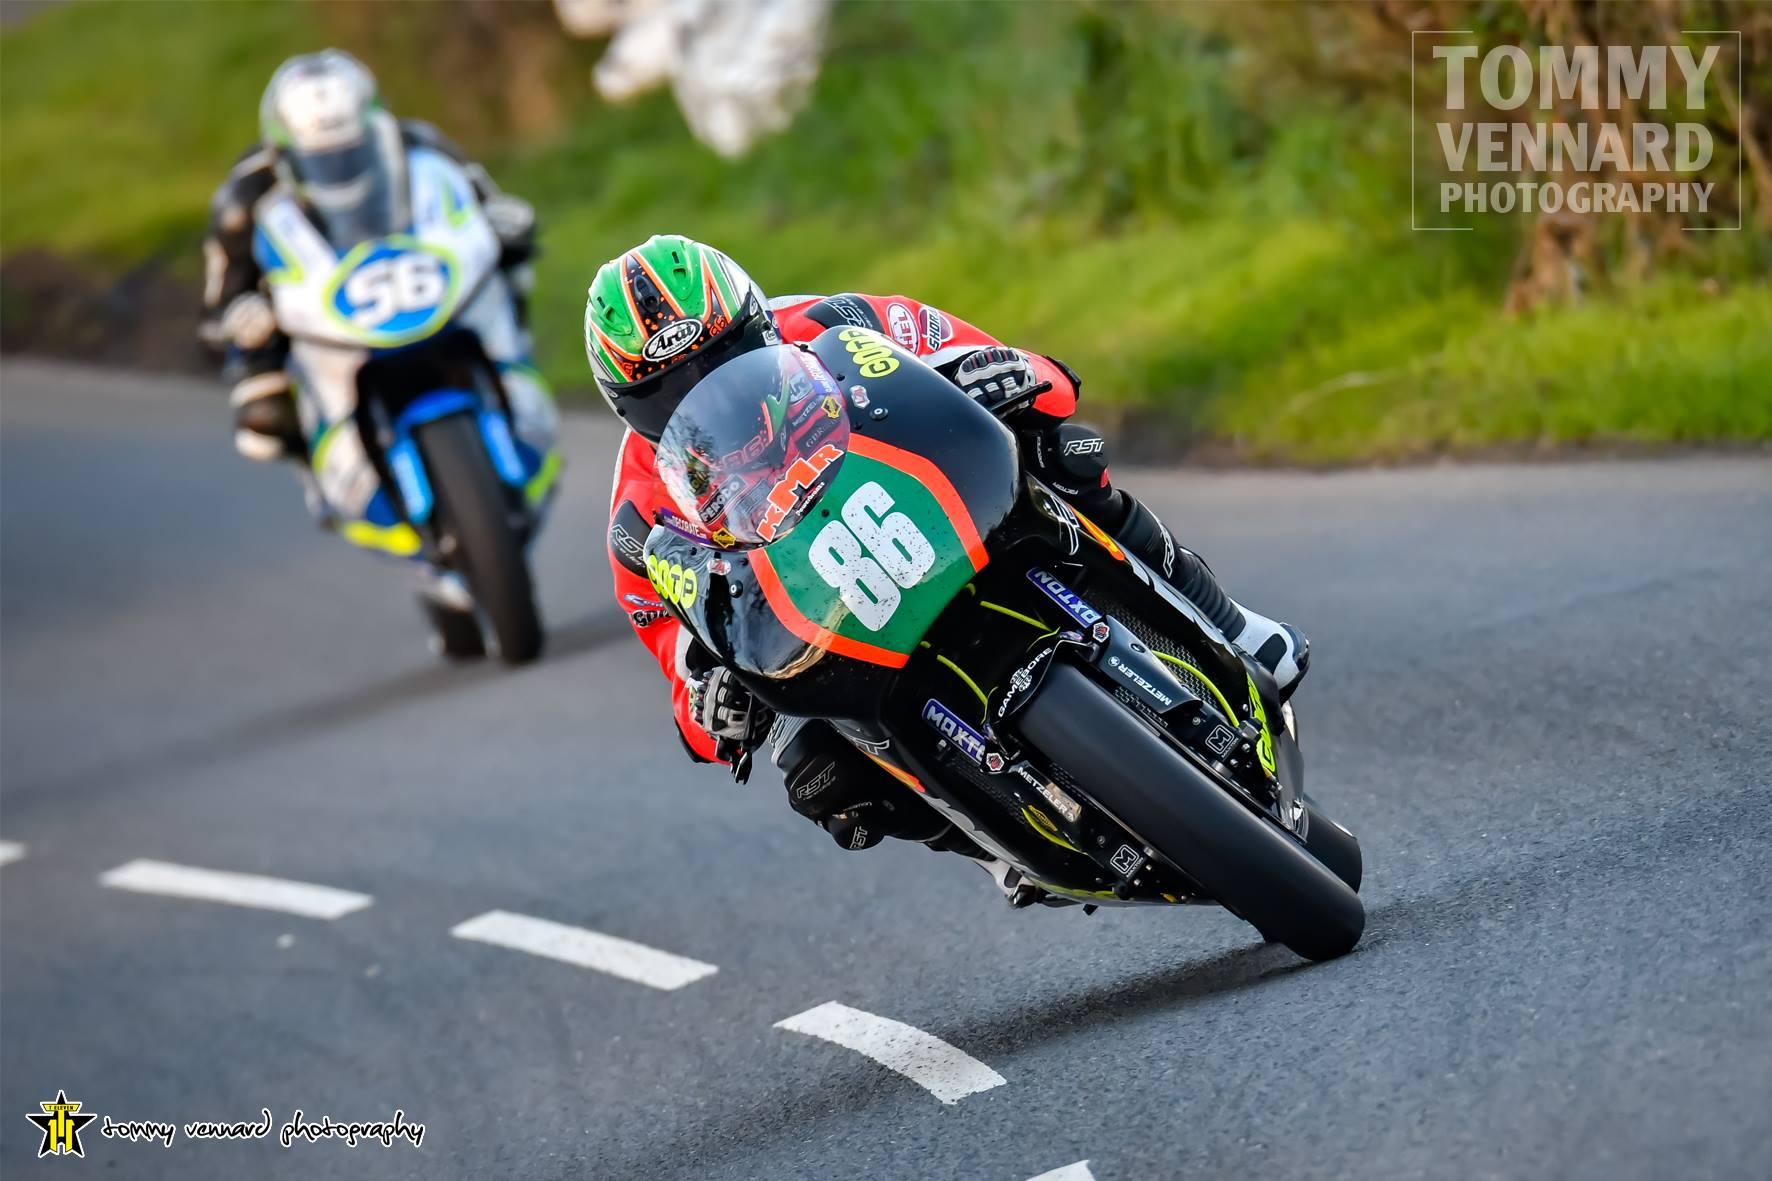 Enniskillen Road Races Preview